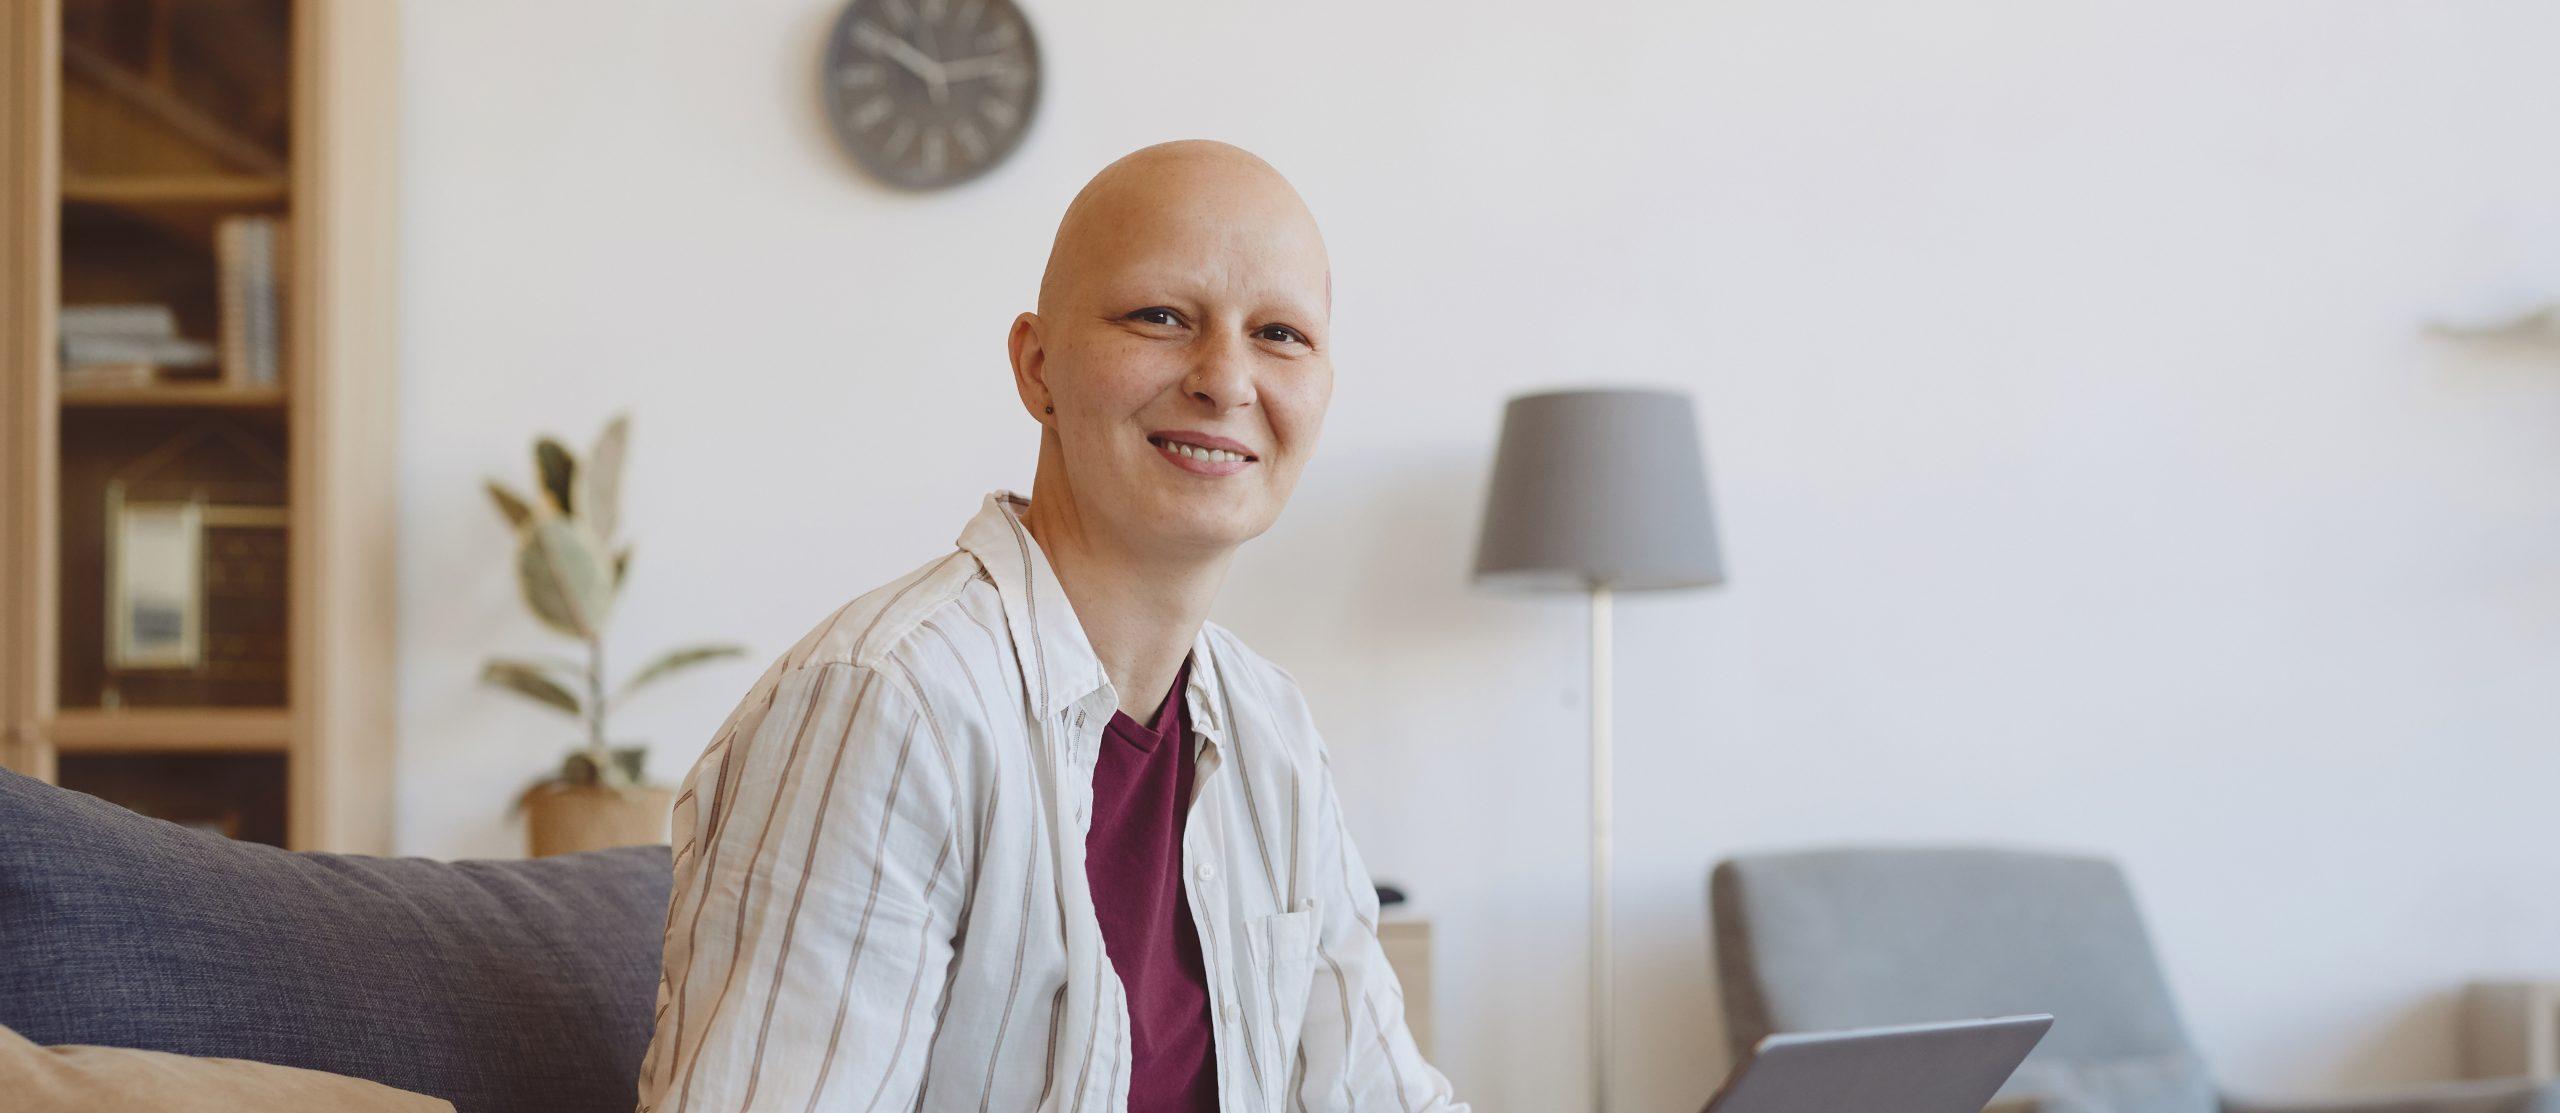 Dispensa discriminatória em razão do câncer pode gerar direitos trabalhistas